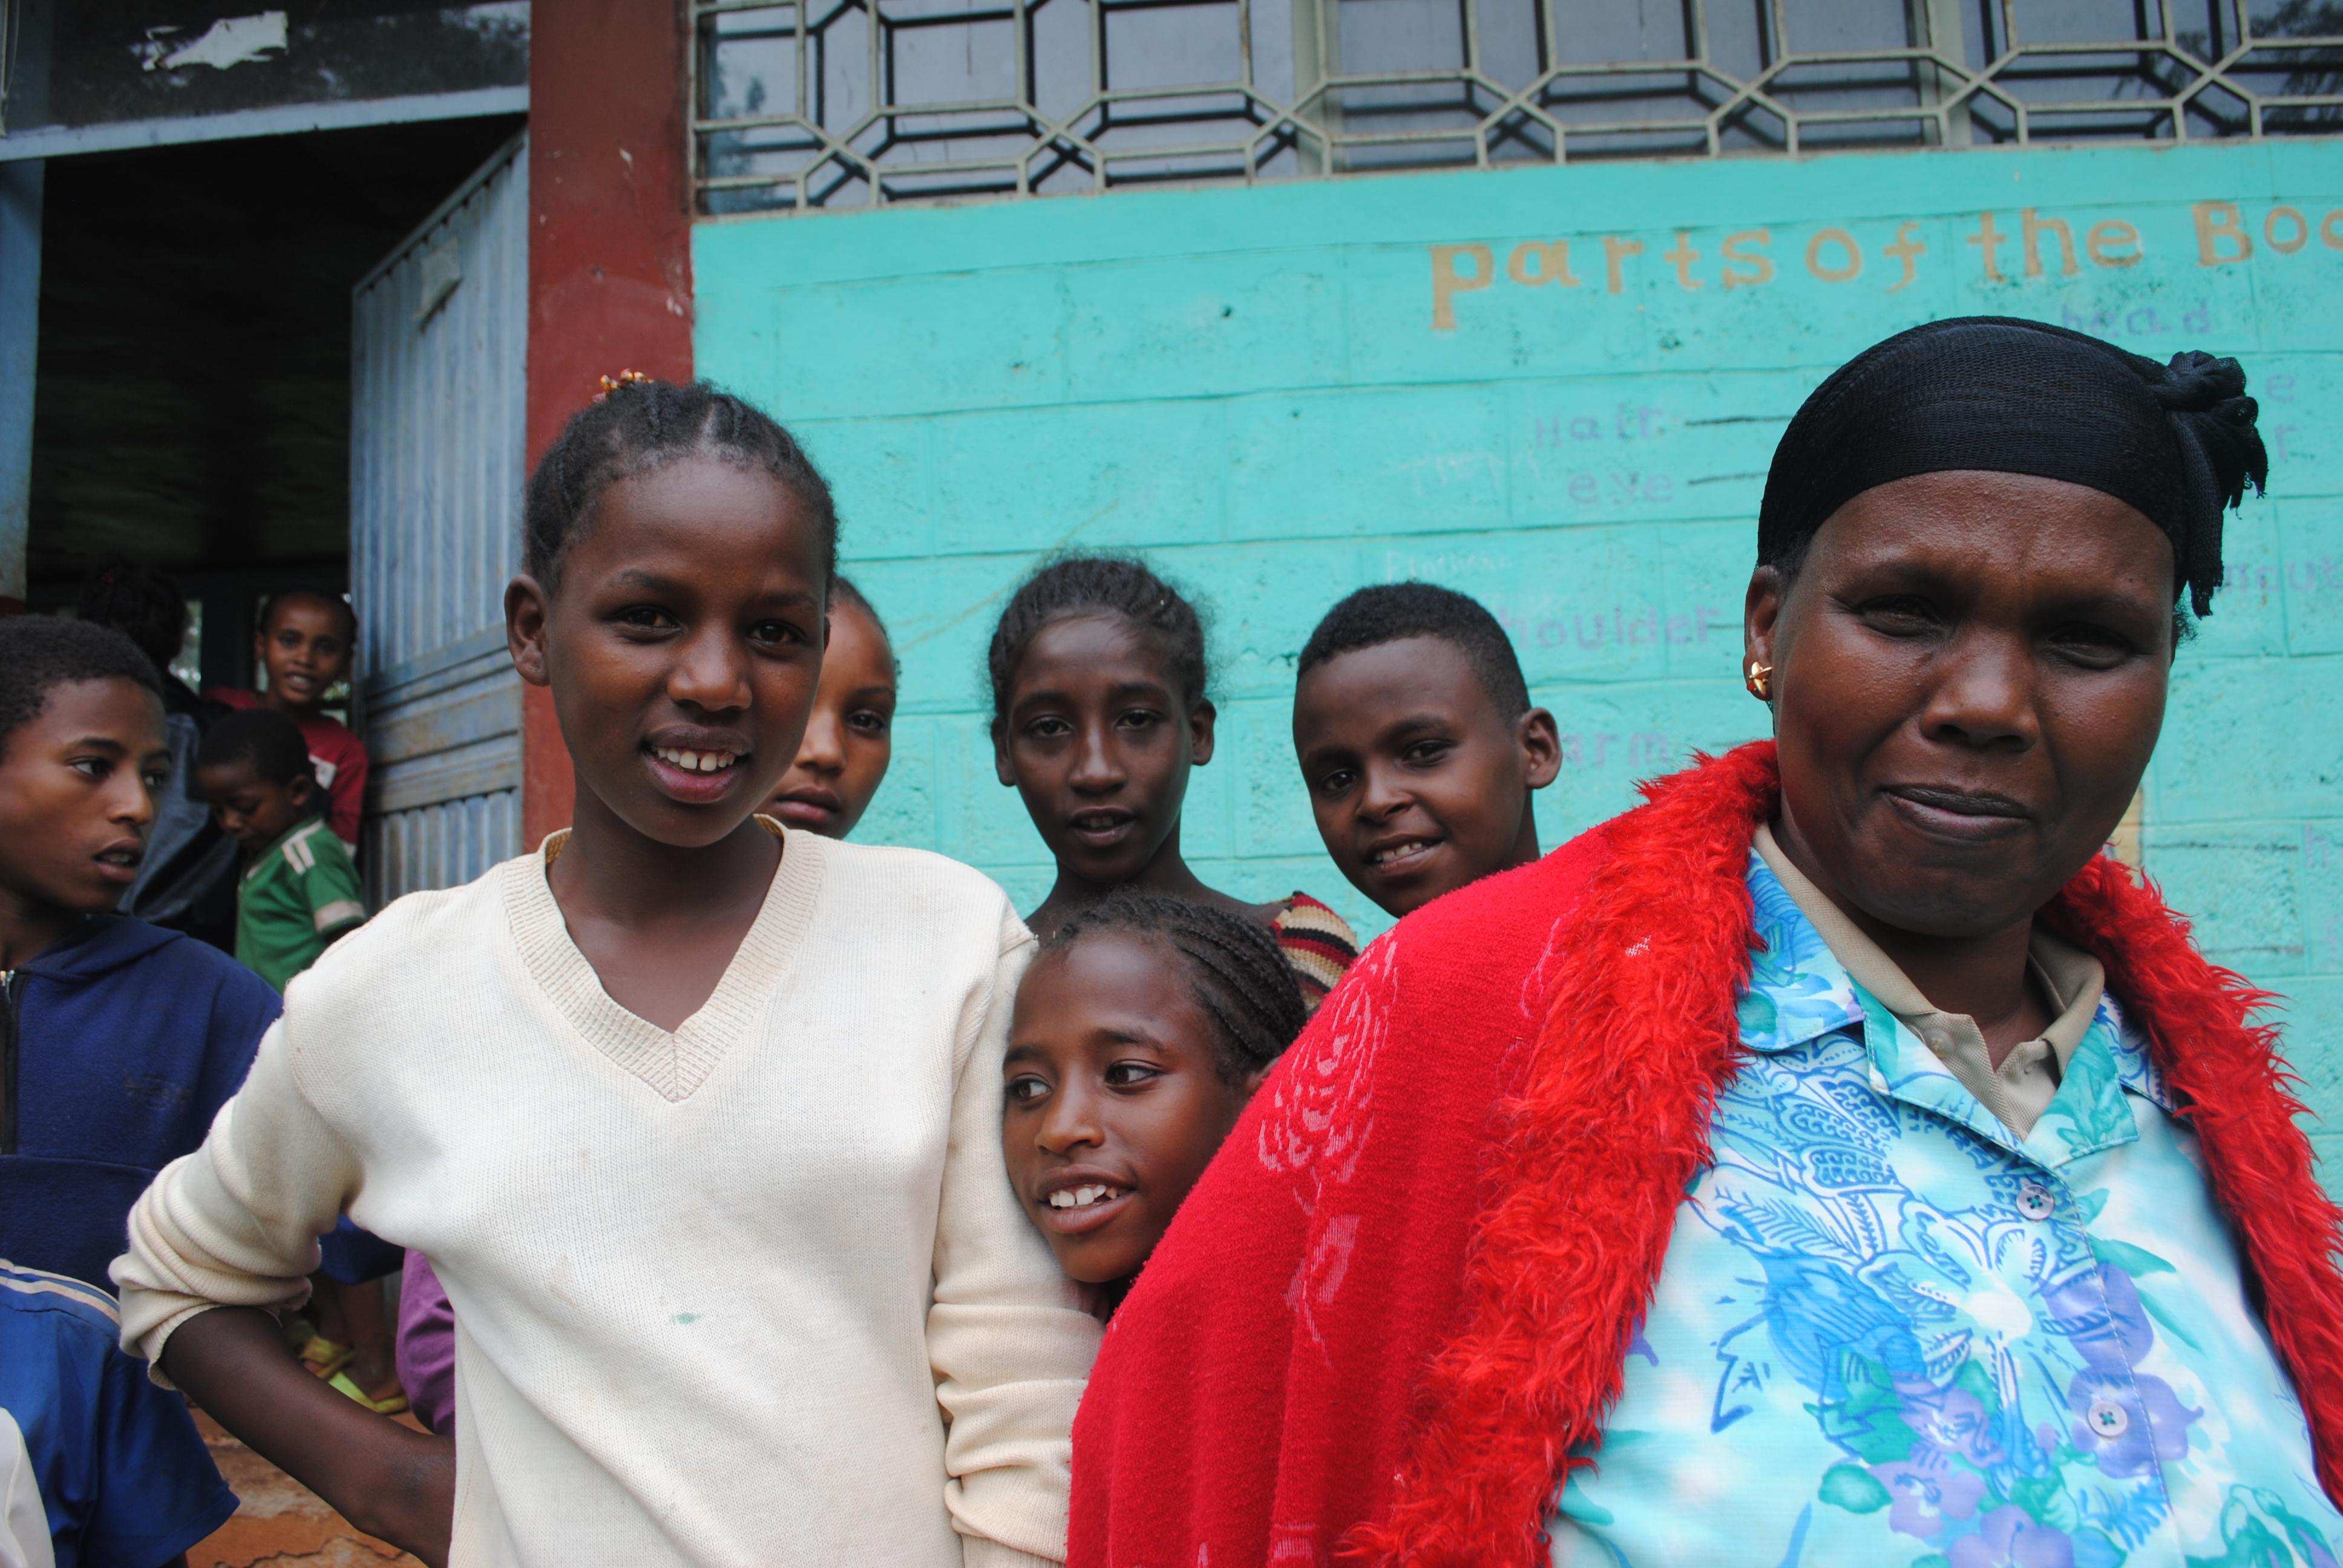 KMG Reduces Female Genital Mutilation in Ethiopia | Pulitzer Center